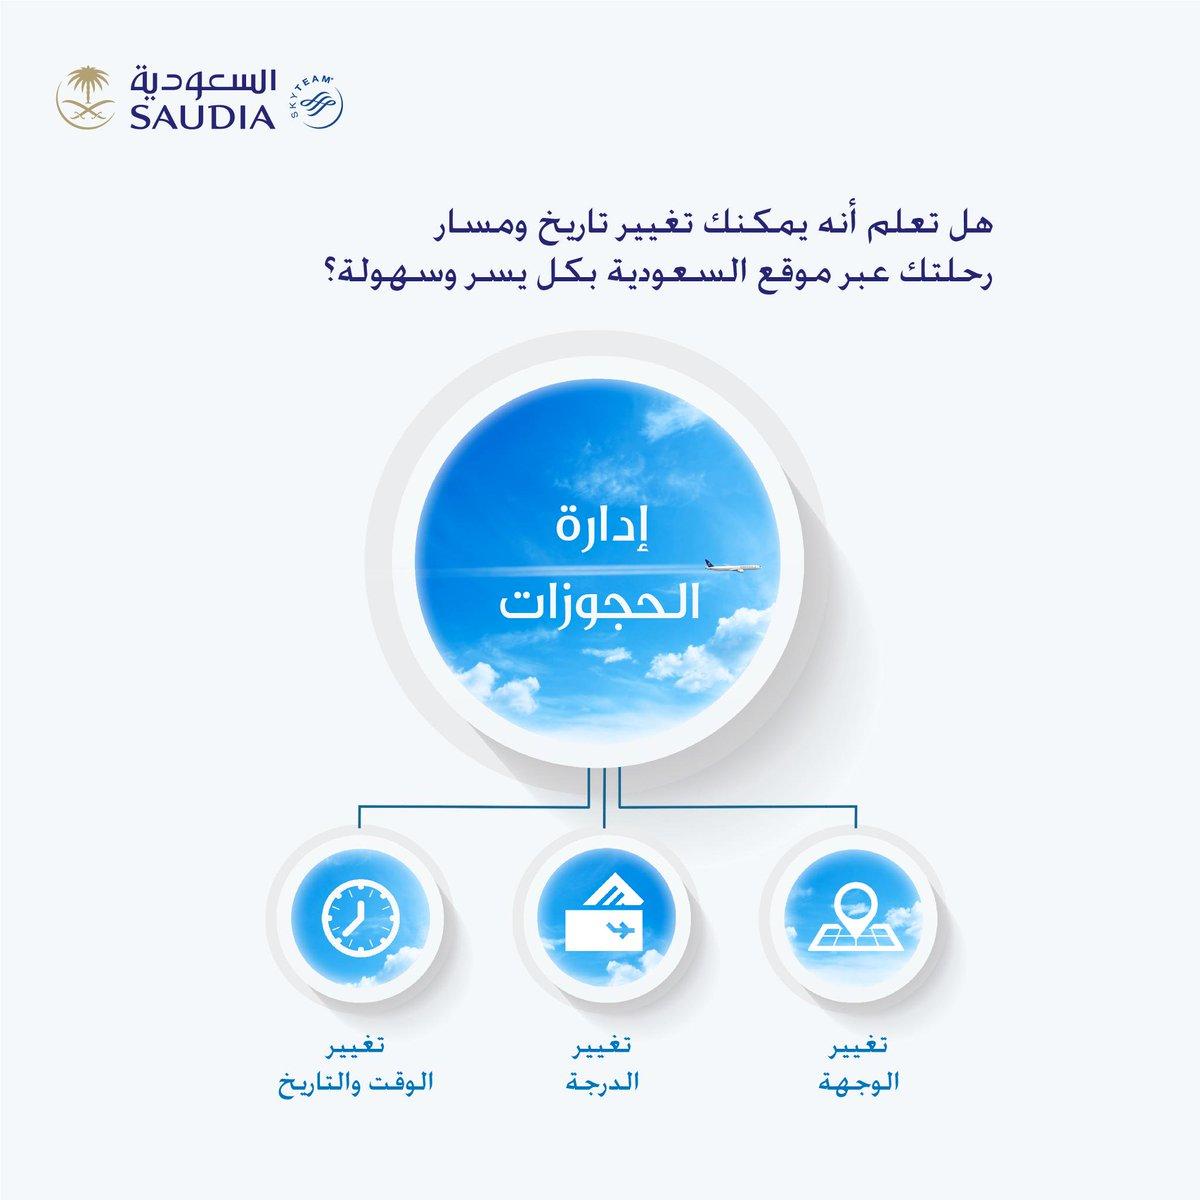 السعودية Saudia V Twitter هل تعلم أنه يمكنك تغيير تاريخ ومسار رحلتك عبر موقع الخطوط السعودية بكل يسر وسهولة Https T Co Qsy6k4npzd